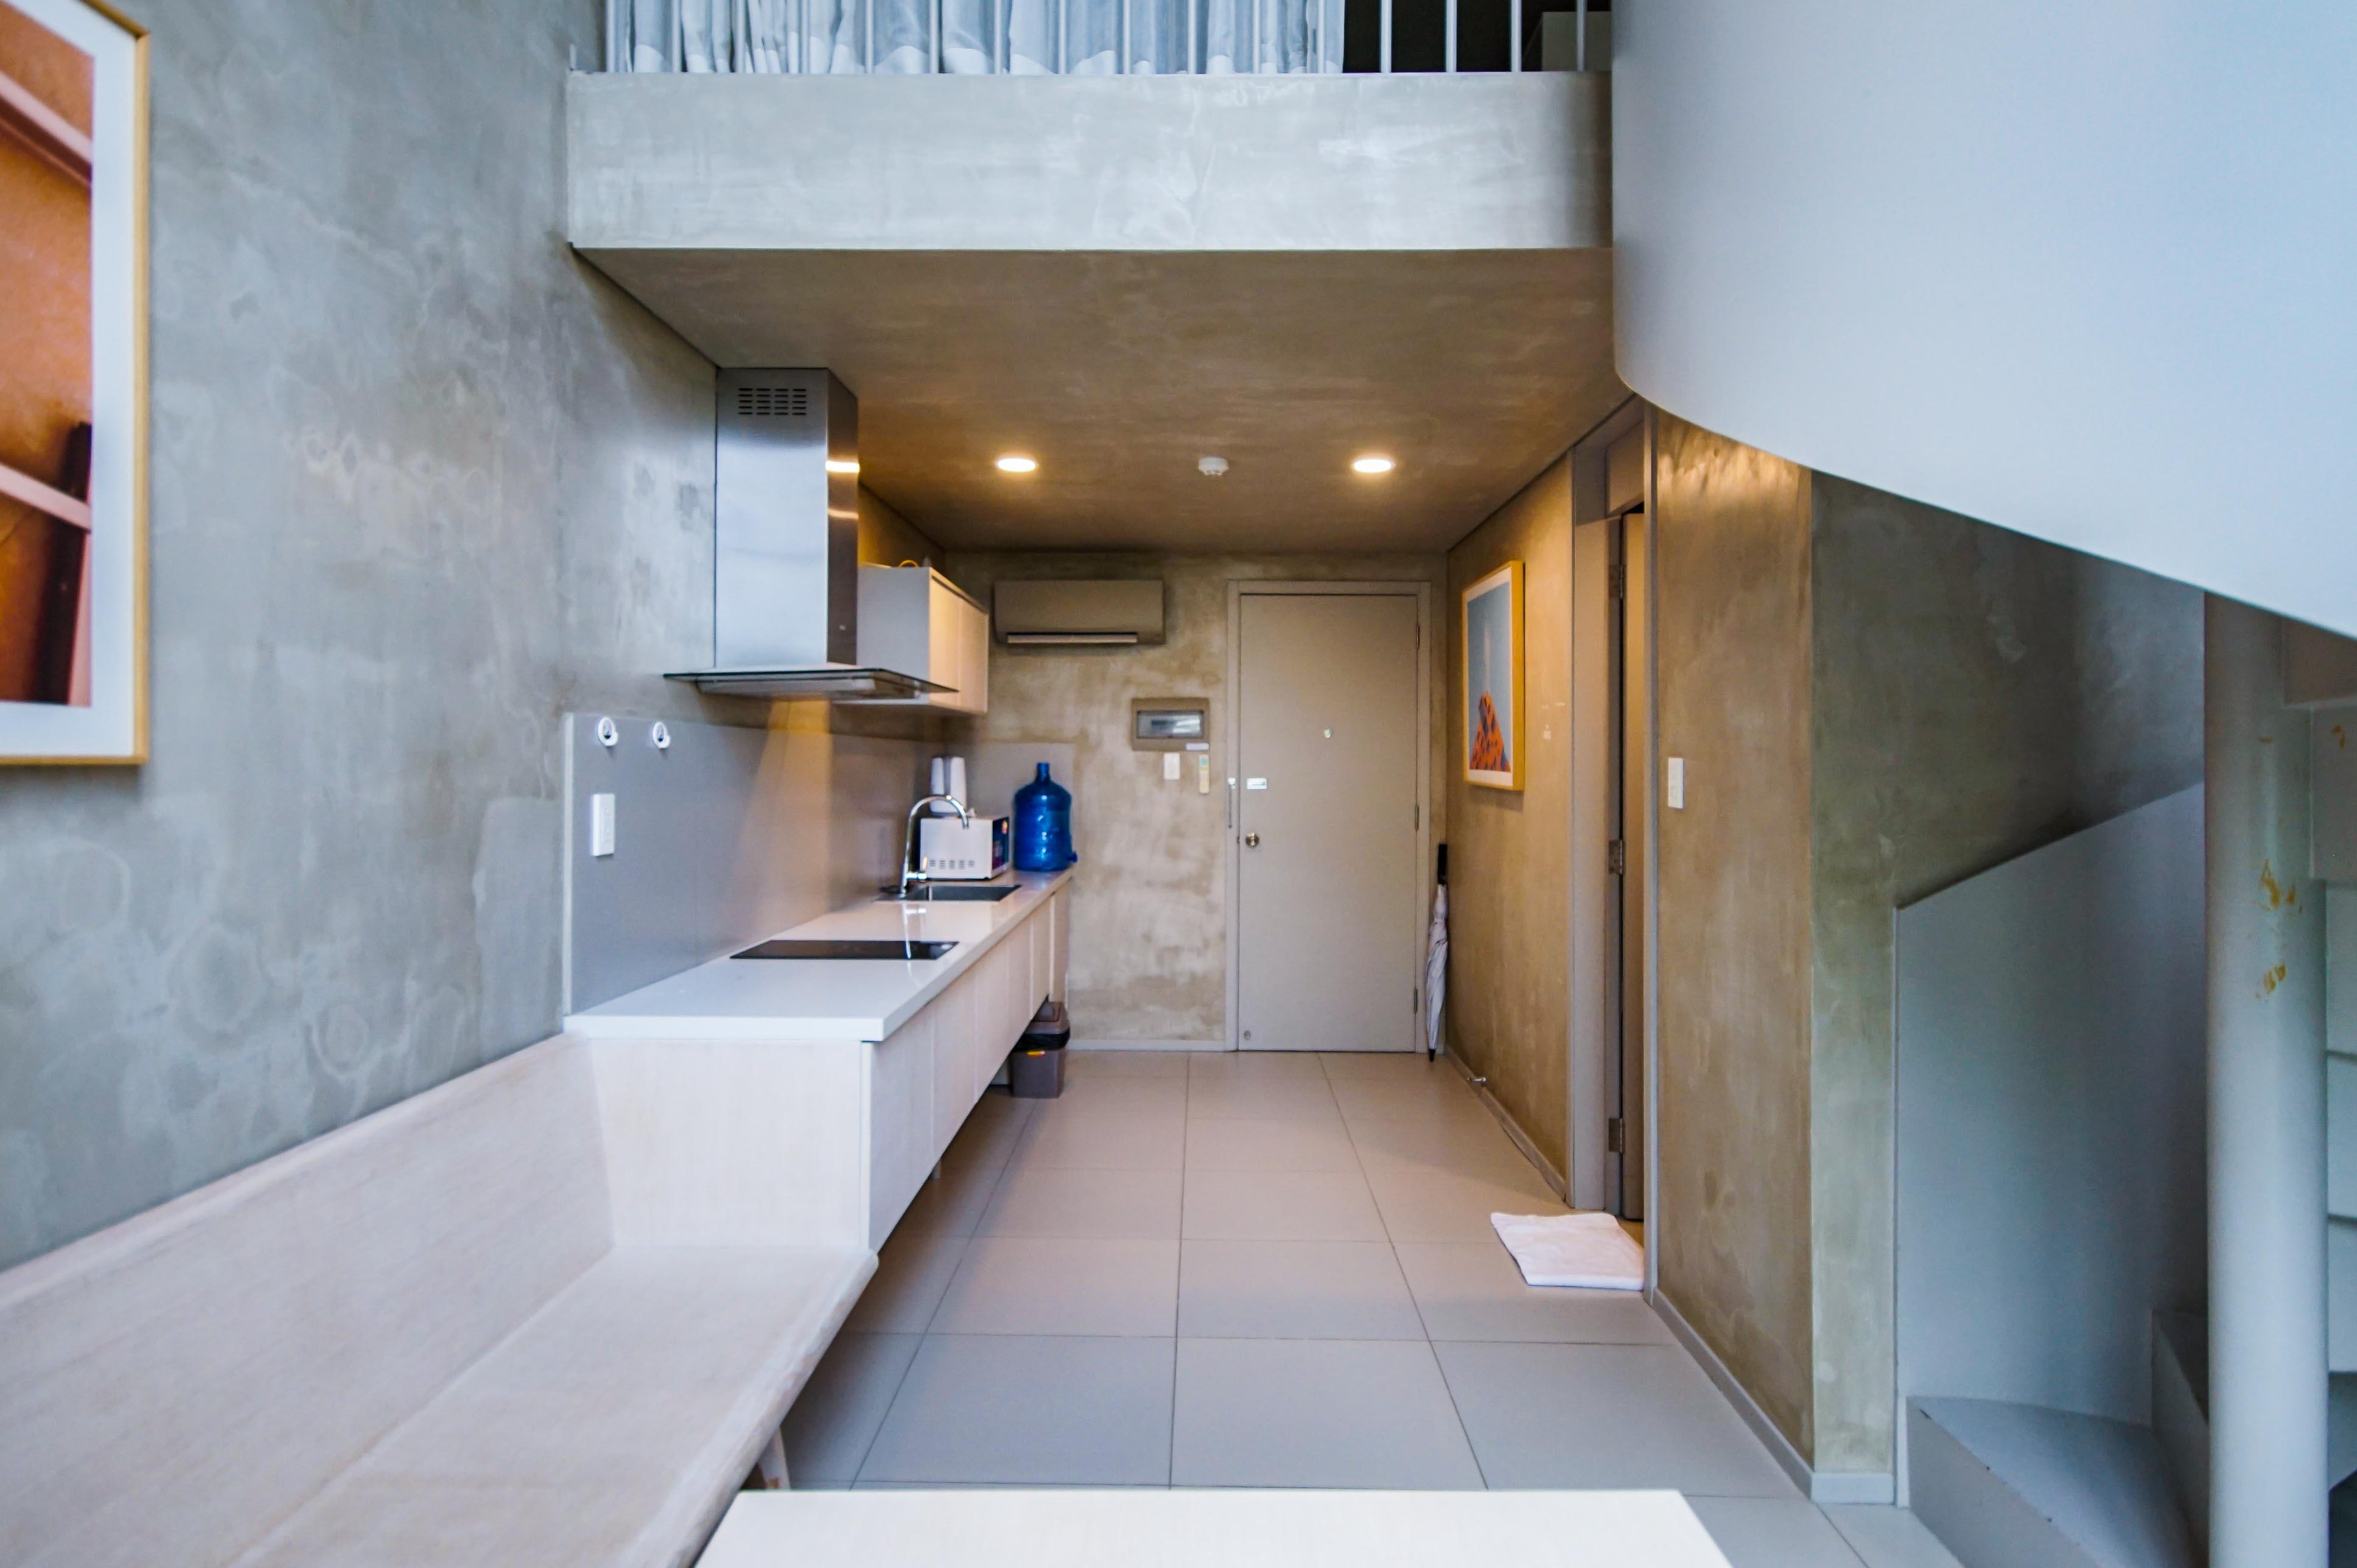 Cho Thuê Căn Hộ Dịch Vụ Duplex 1 PN - Đầy Đủ Nội Thất & Ấm Cúng -3